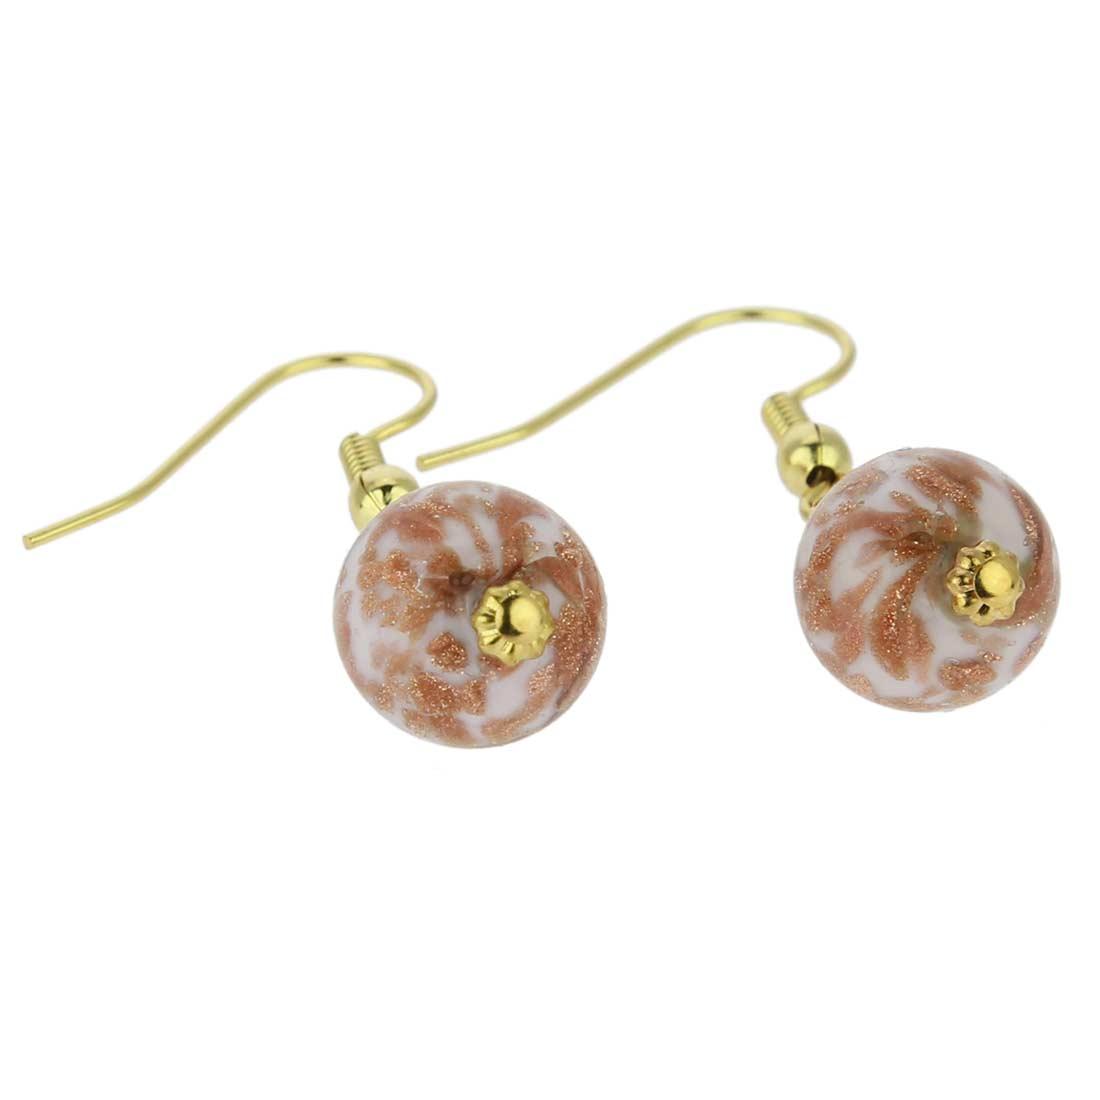 Starlight balls earrings - rose cream